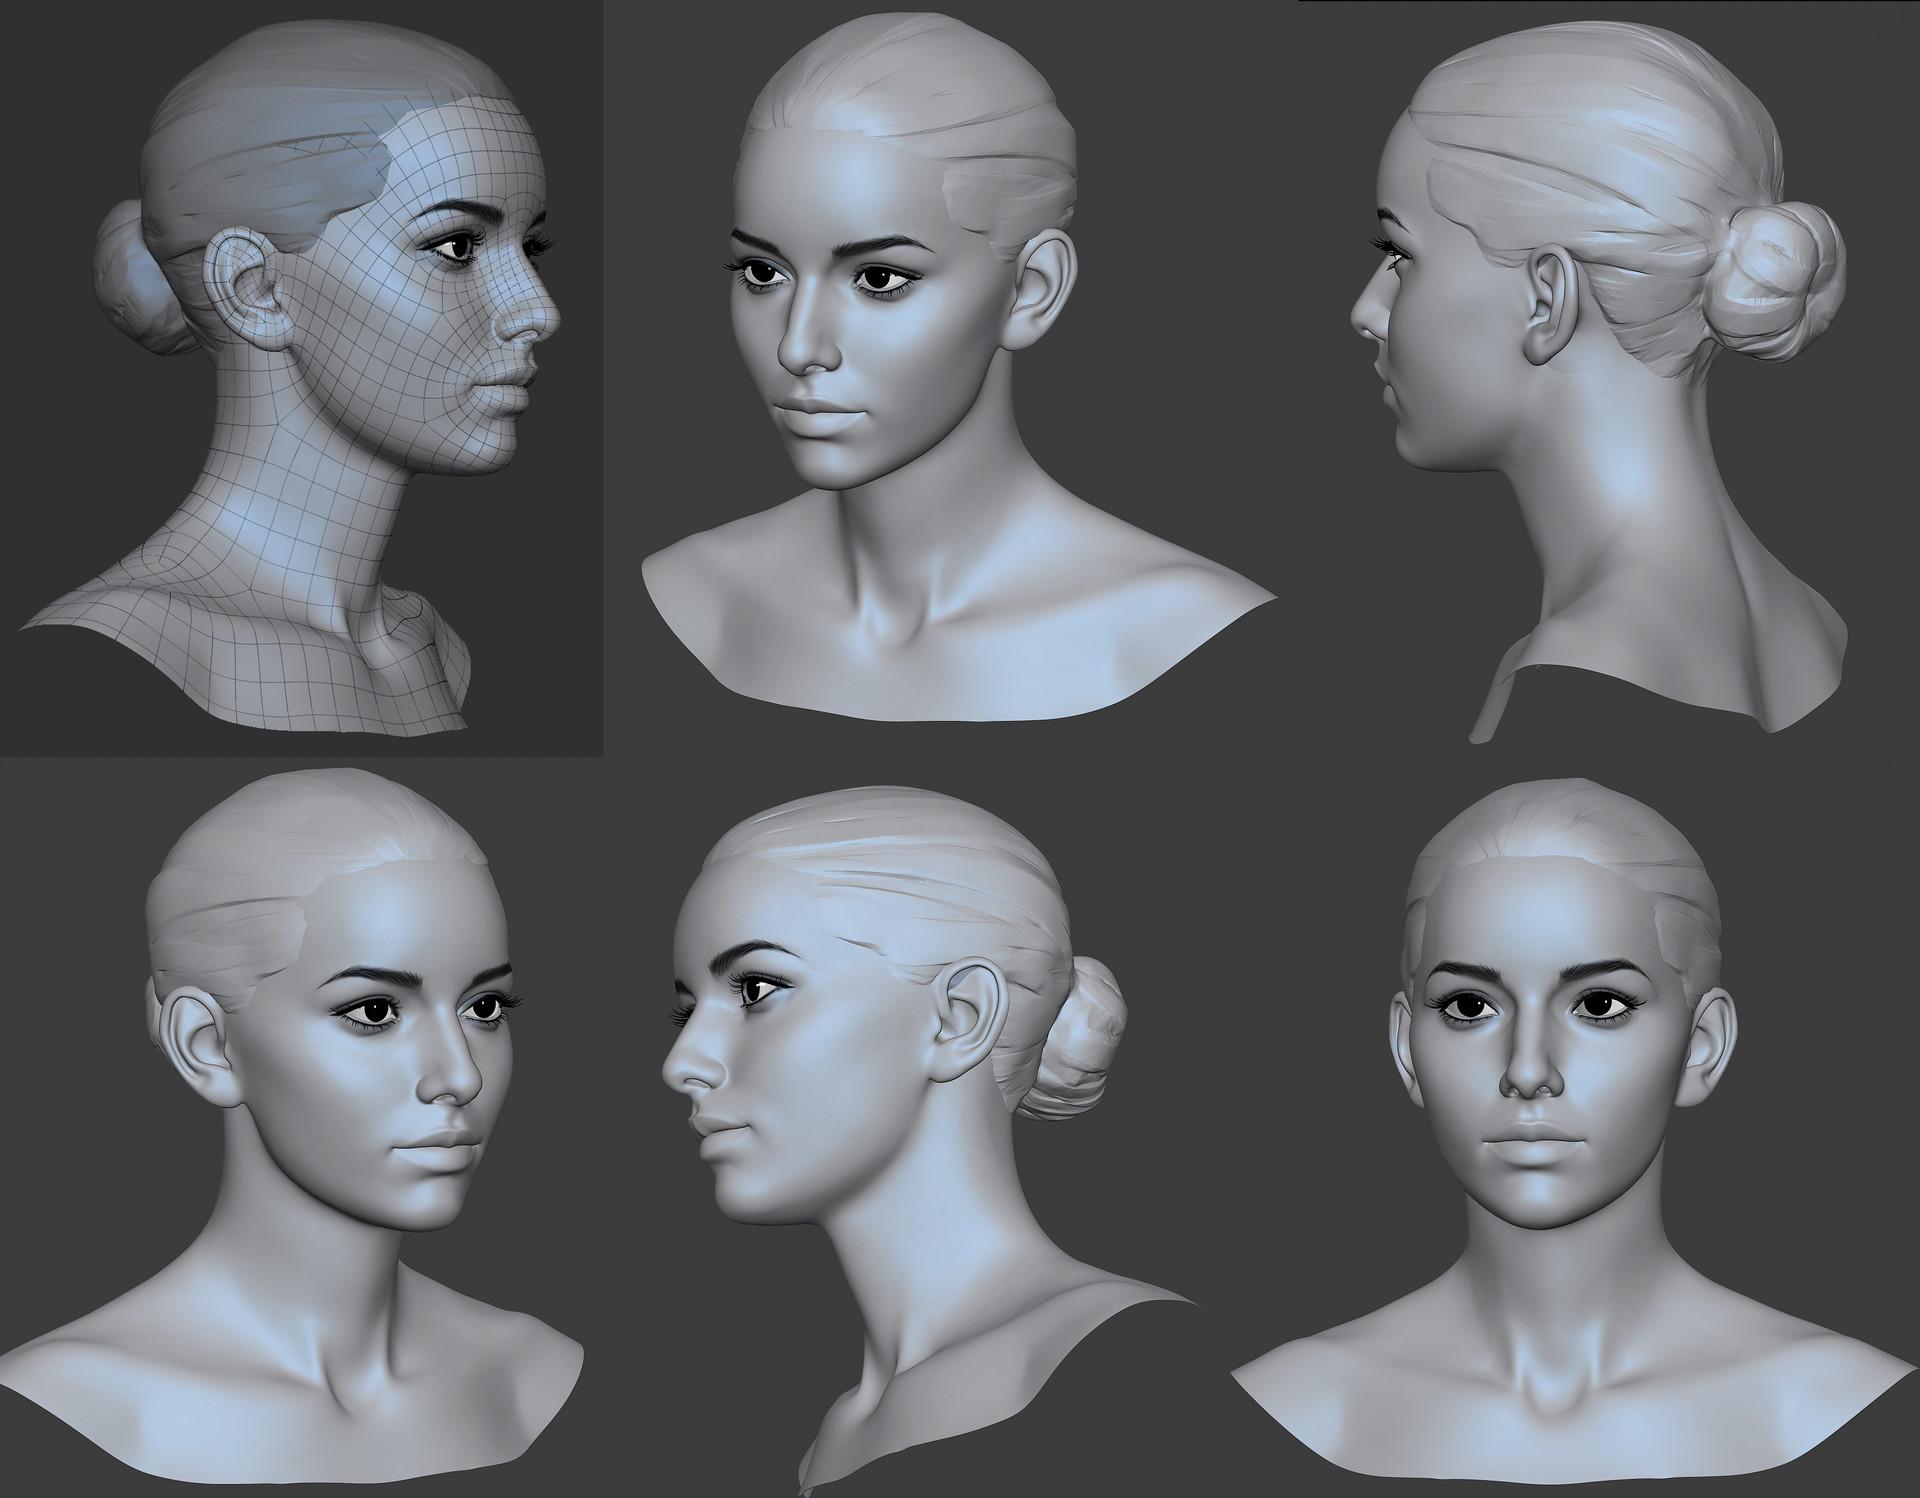 automob 3d anatomy tutorial - HD1920×1498